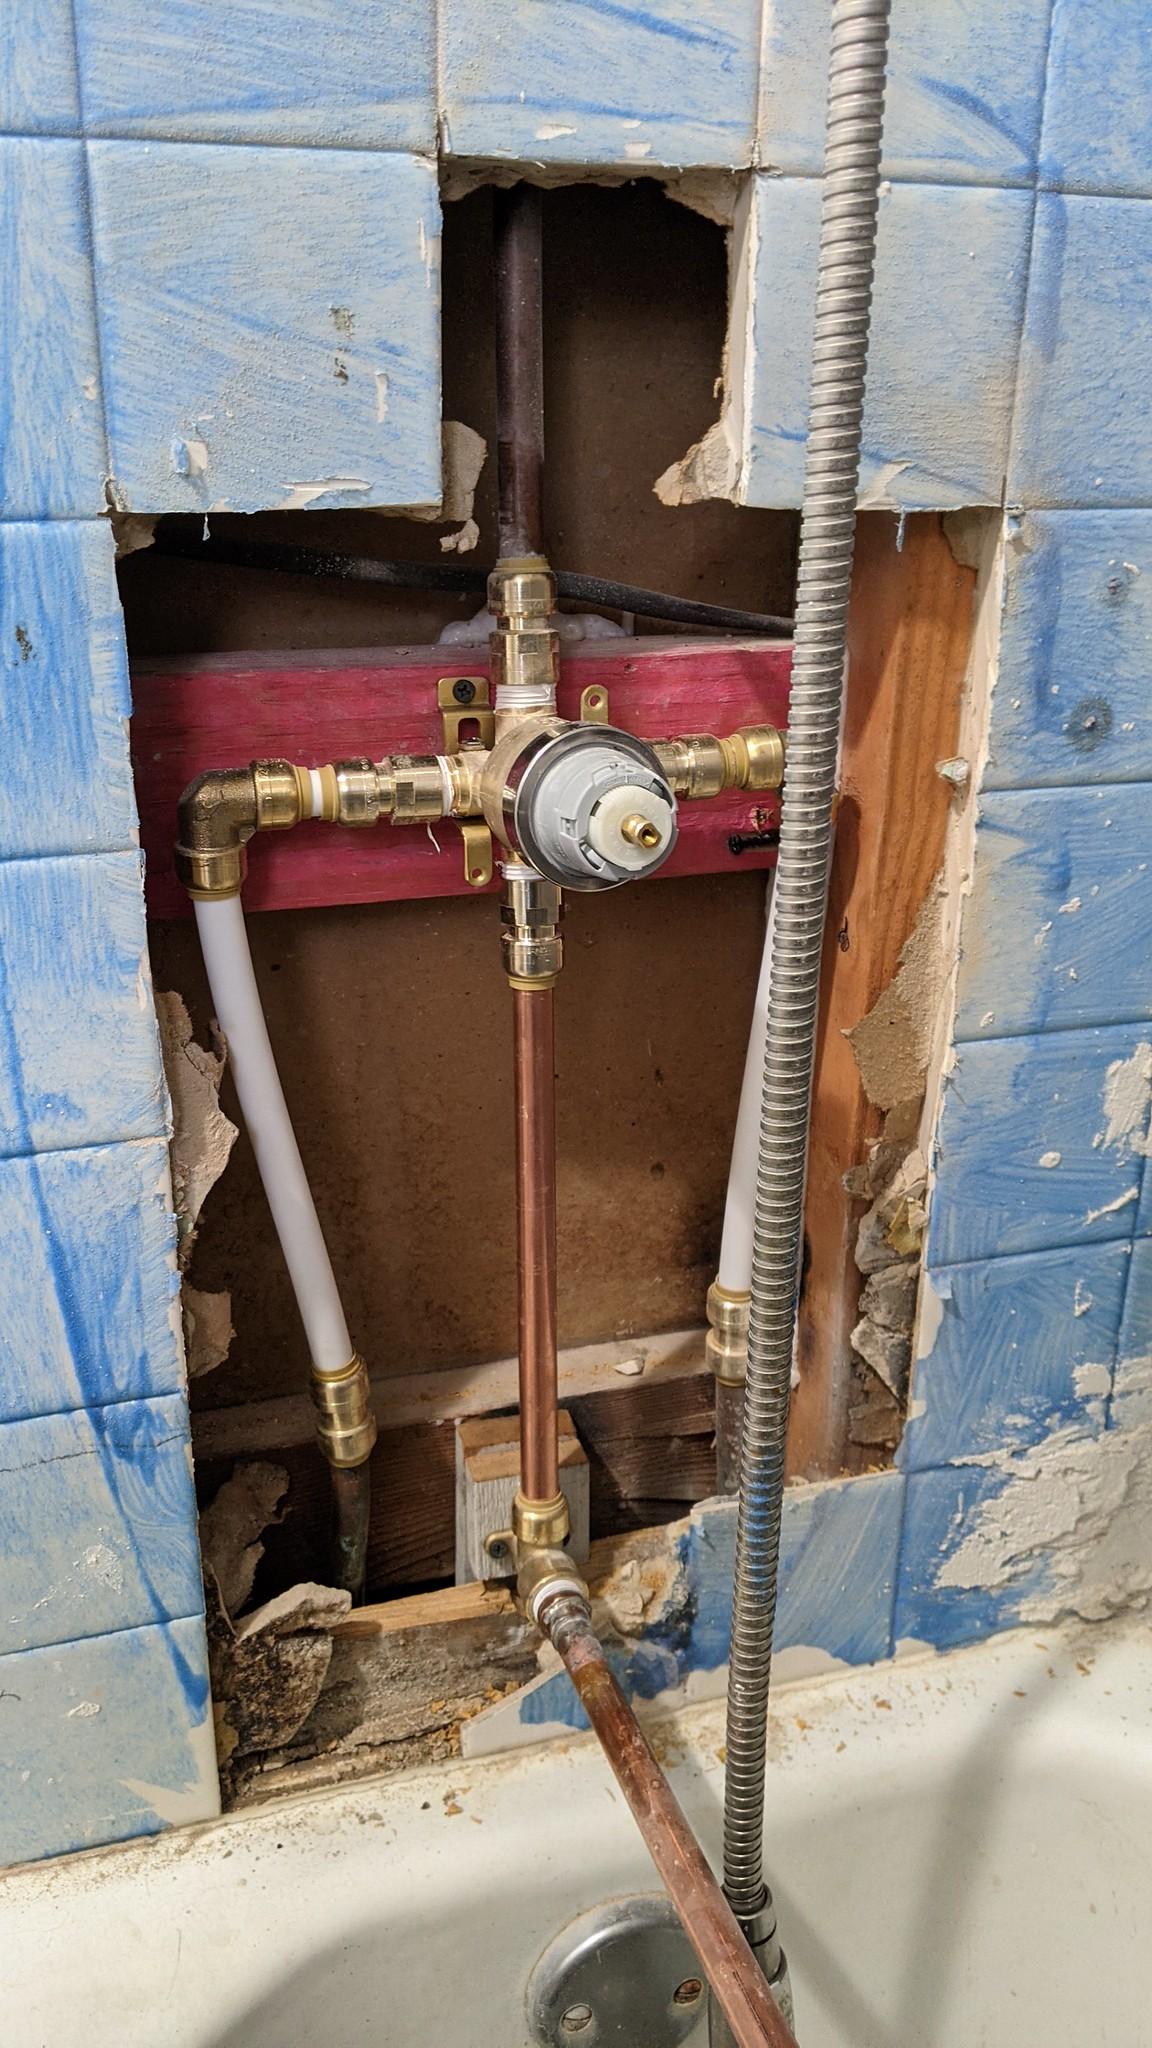 Все разломать, снять 3 крана, заменить современным краном и новыми трубами.